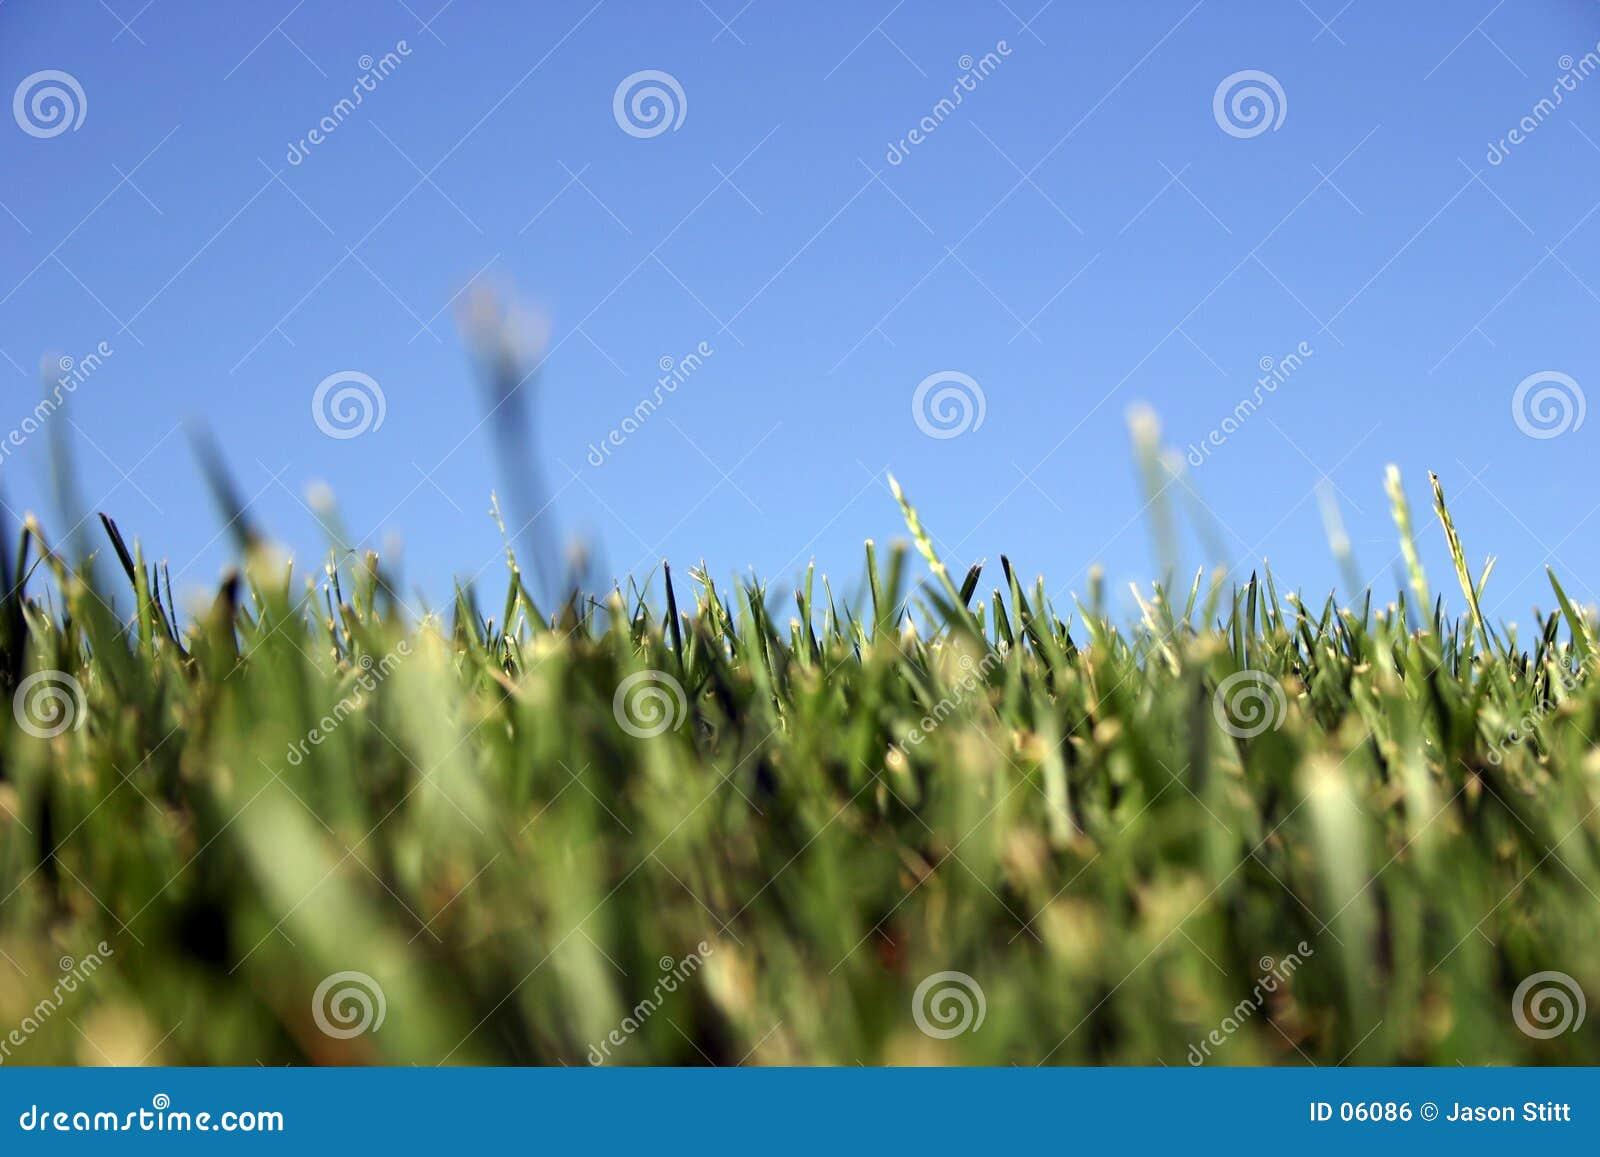 Himmel-Gras